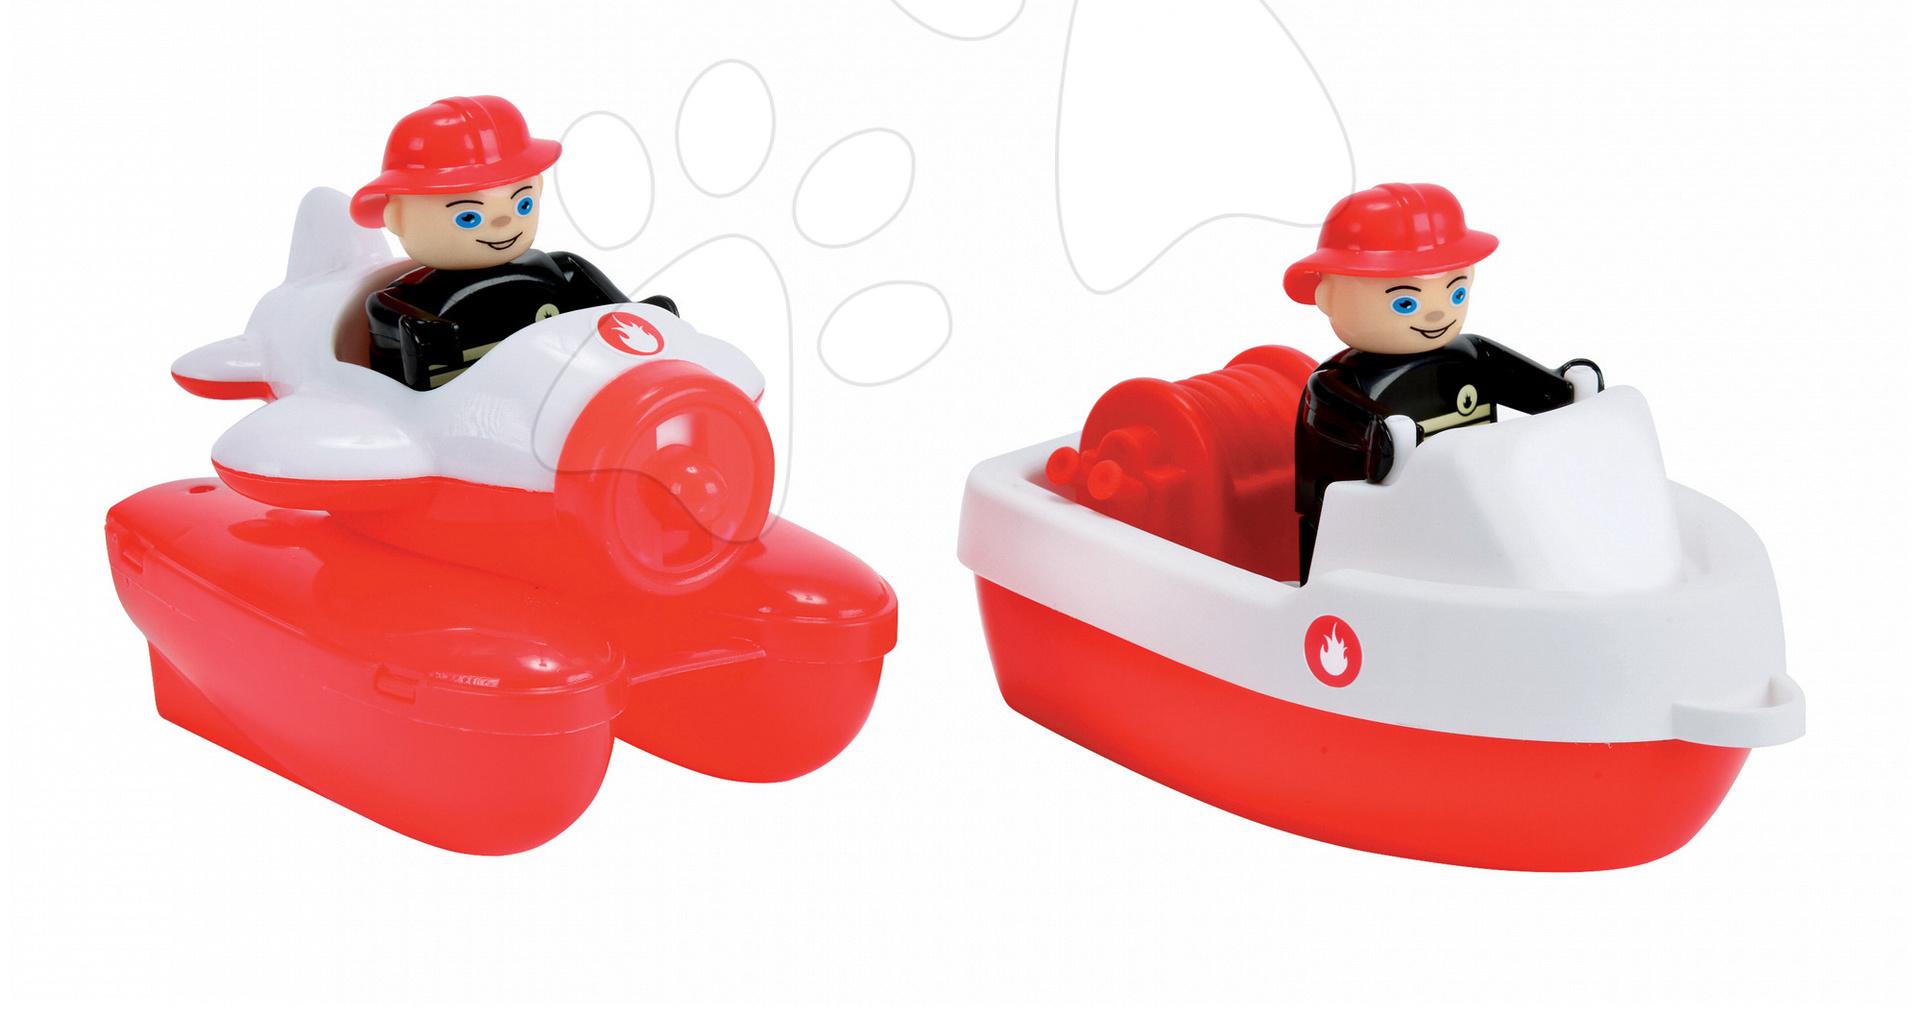 Príslušenstvo k vodným dráham - Súprava 2 lodiek Waterplay BIG hasičské dĺžka 15,5 cm červené